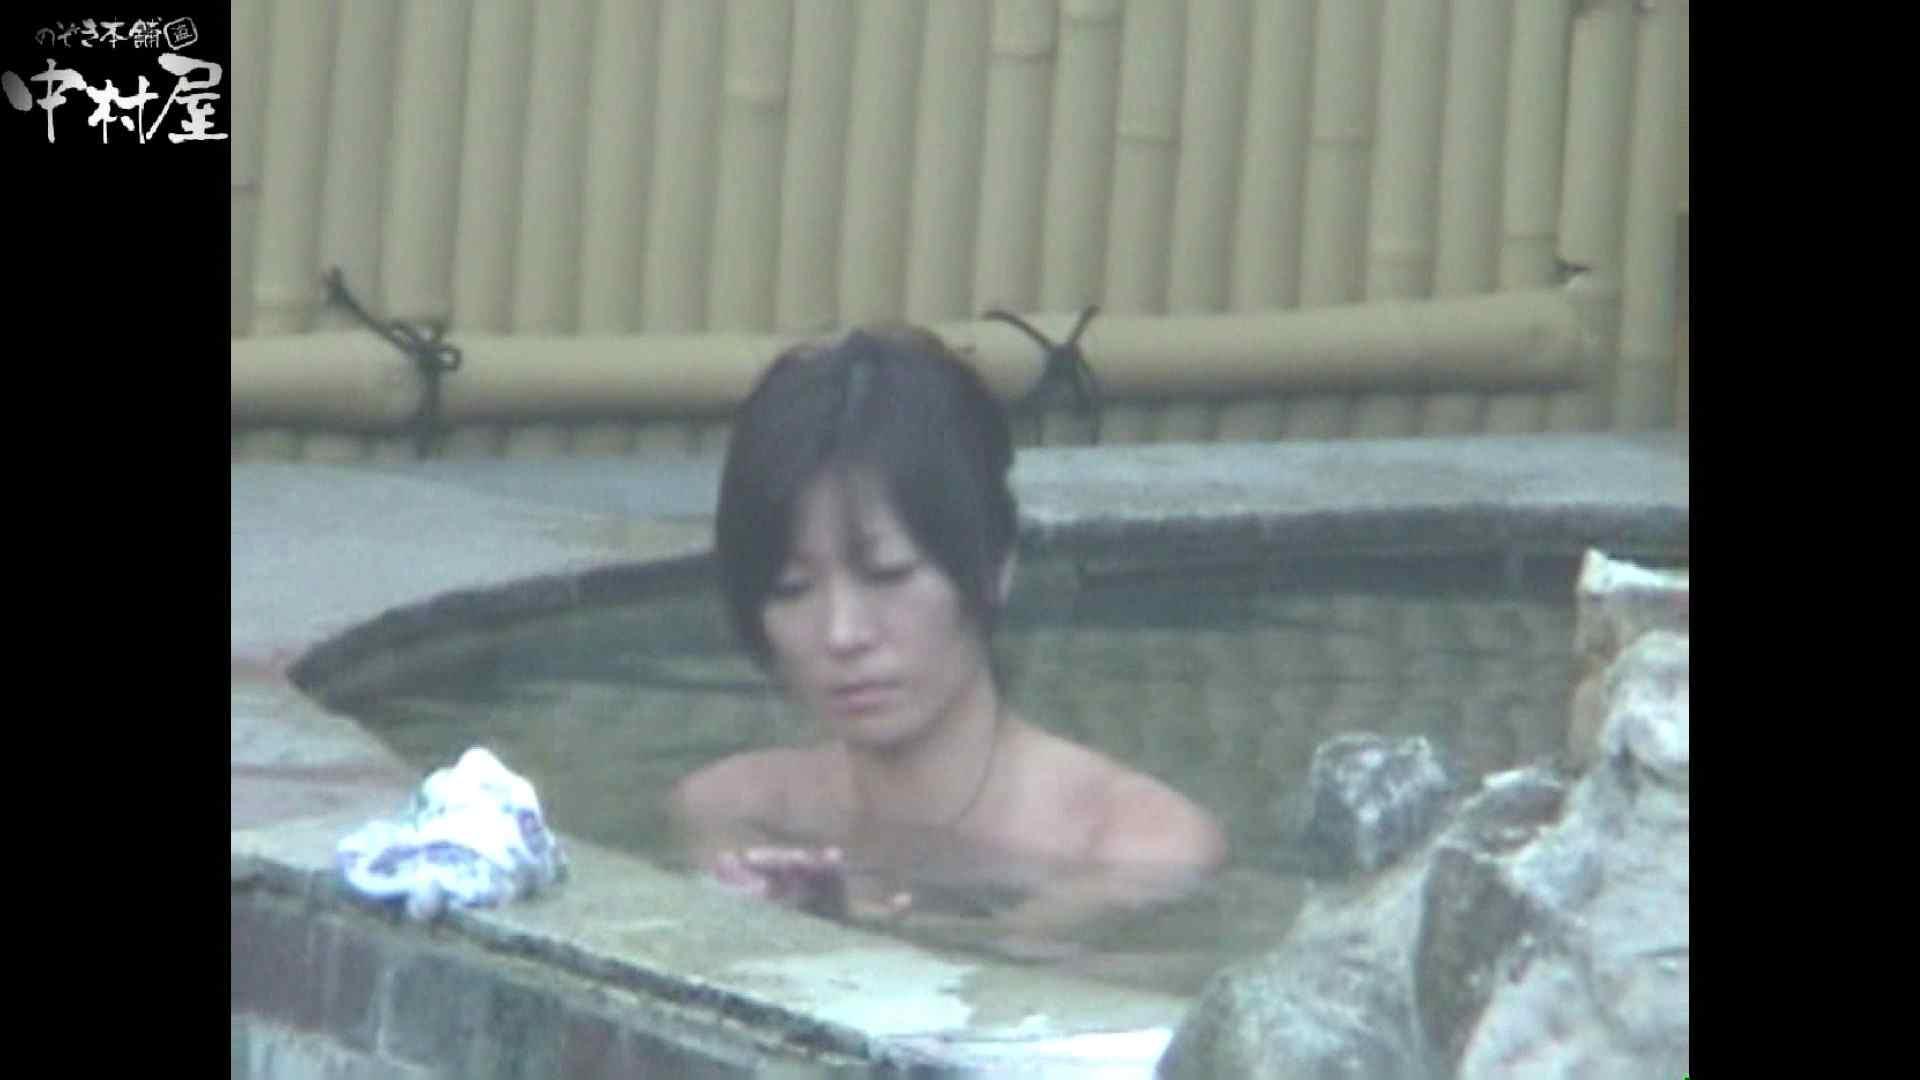 Aquaな露天風呂Vol.972 OLのエロ生活   盗撮  105連発 67